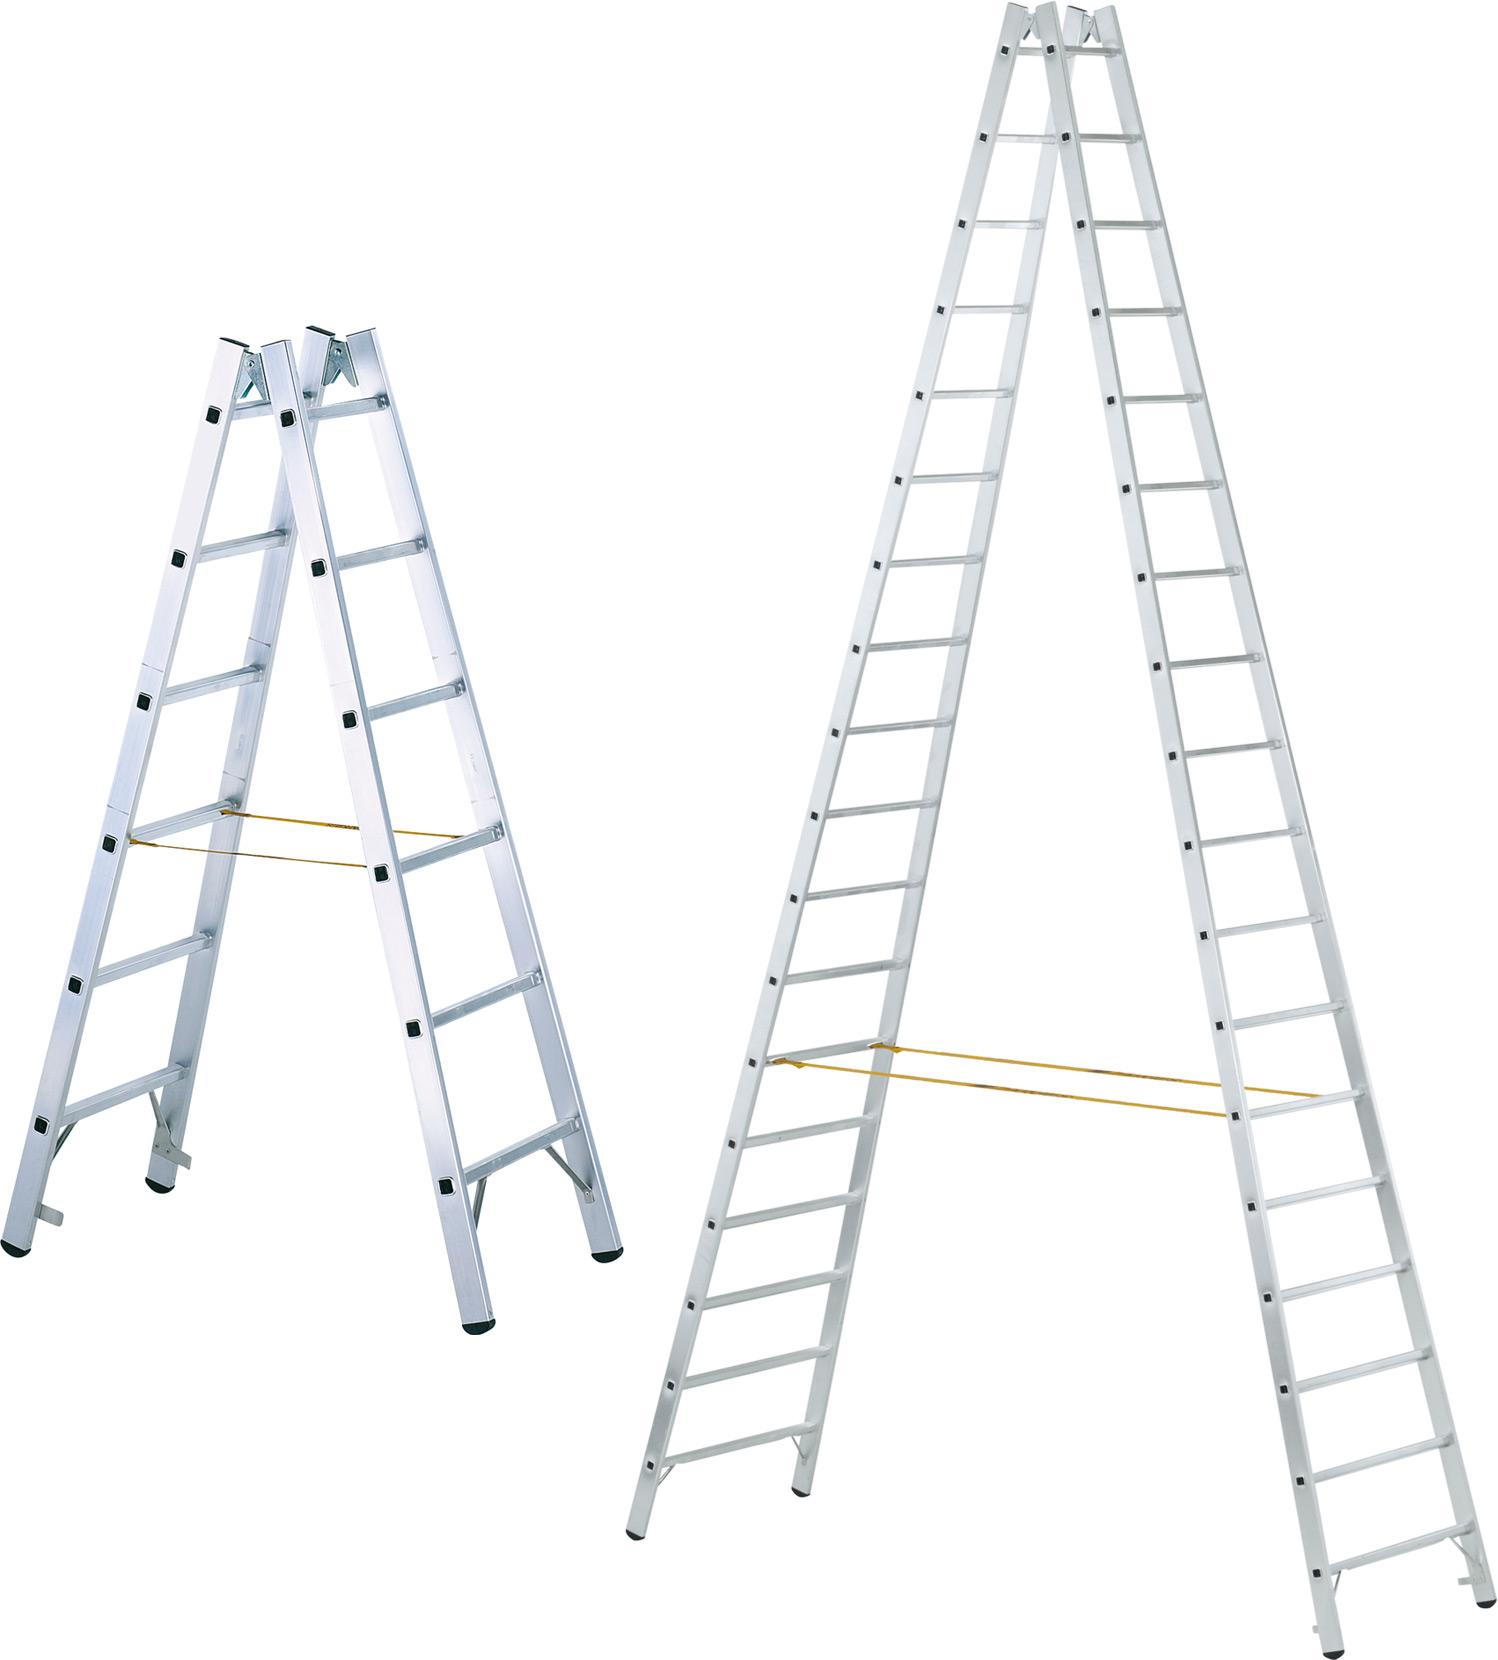 ZARGES Leiter Stehleiter Coni B - Stufen